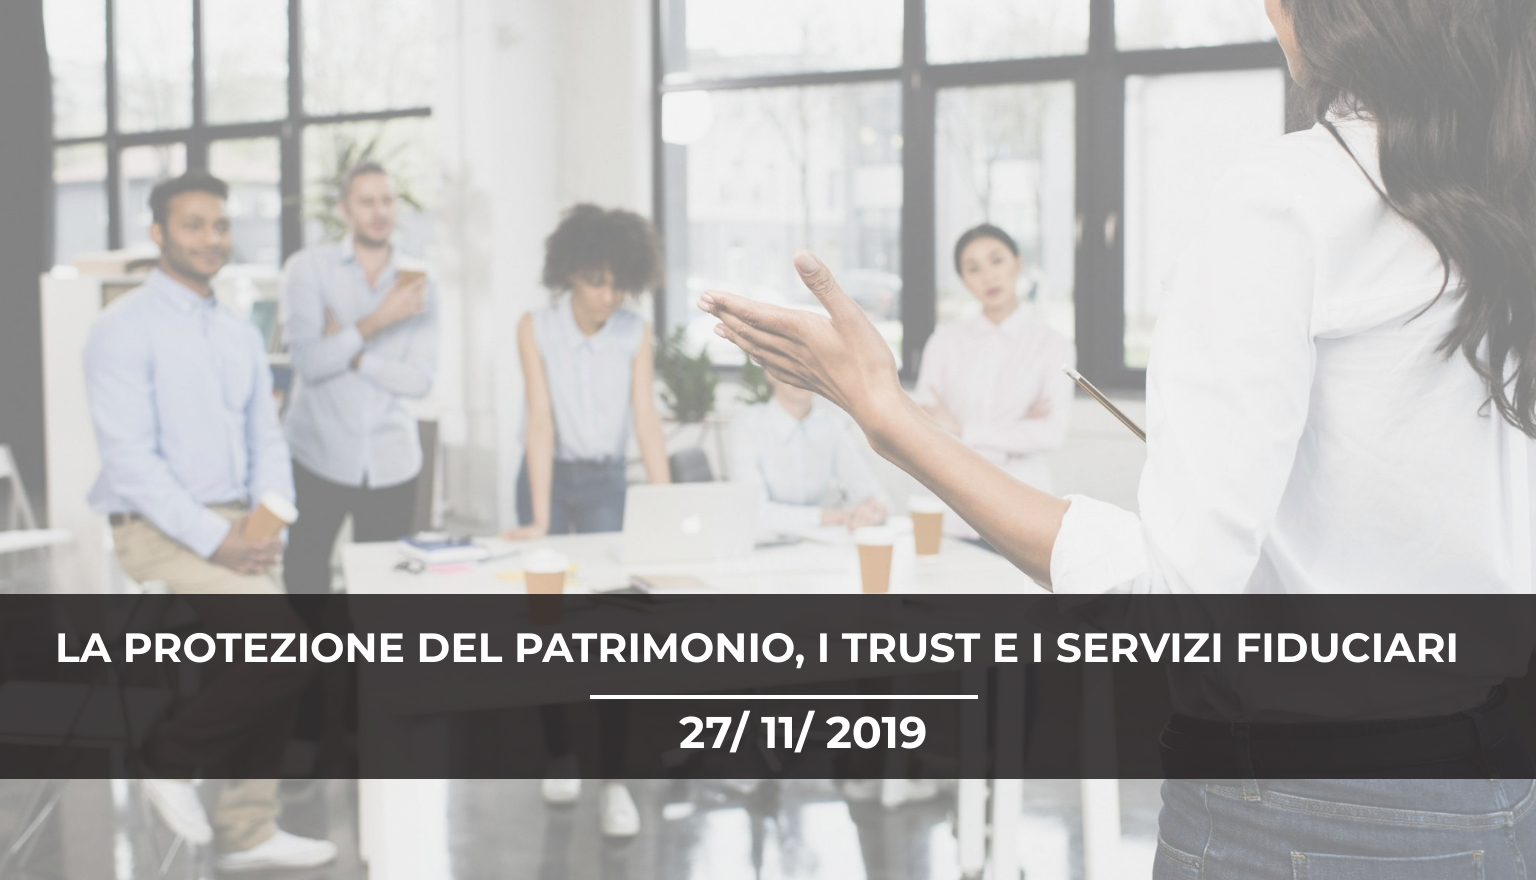 Convegno Formativo Padova: La protezione del patrimonio, i trust e i servizi fiduciari